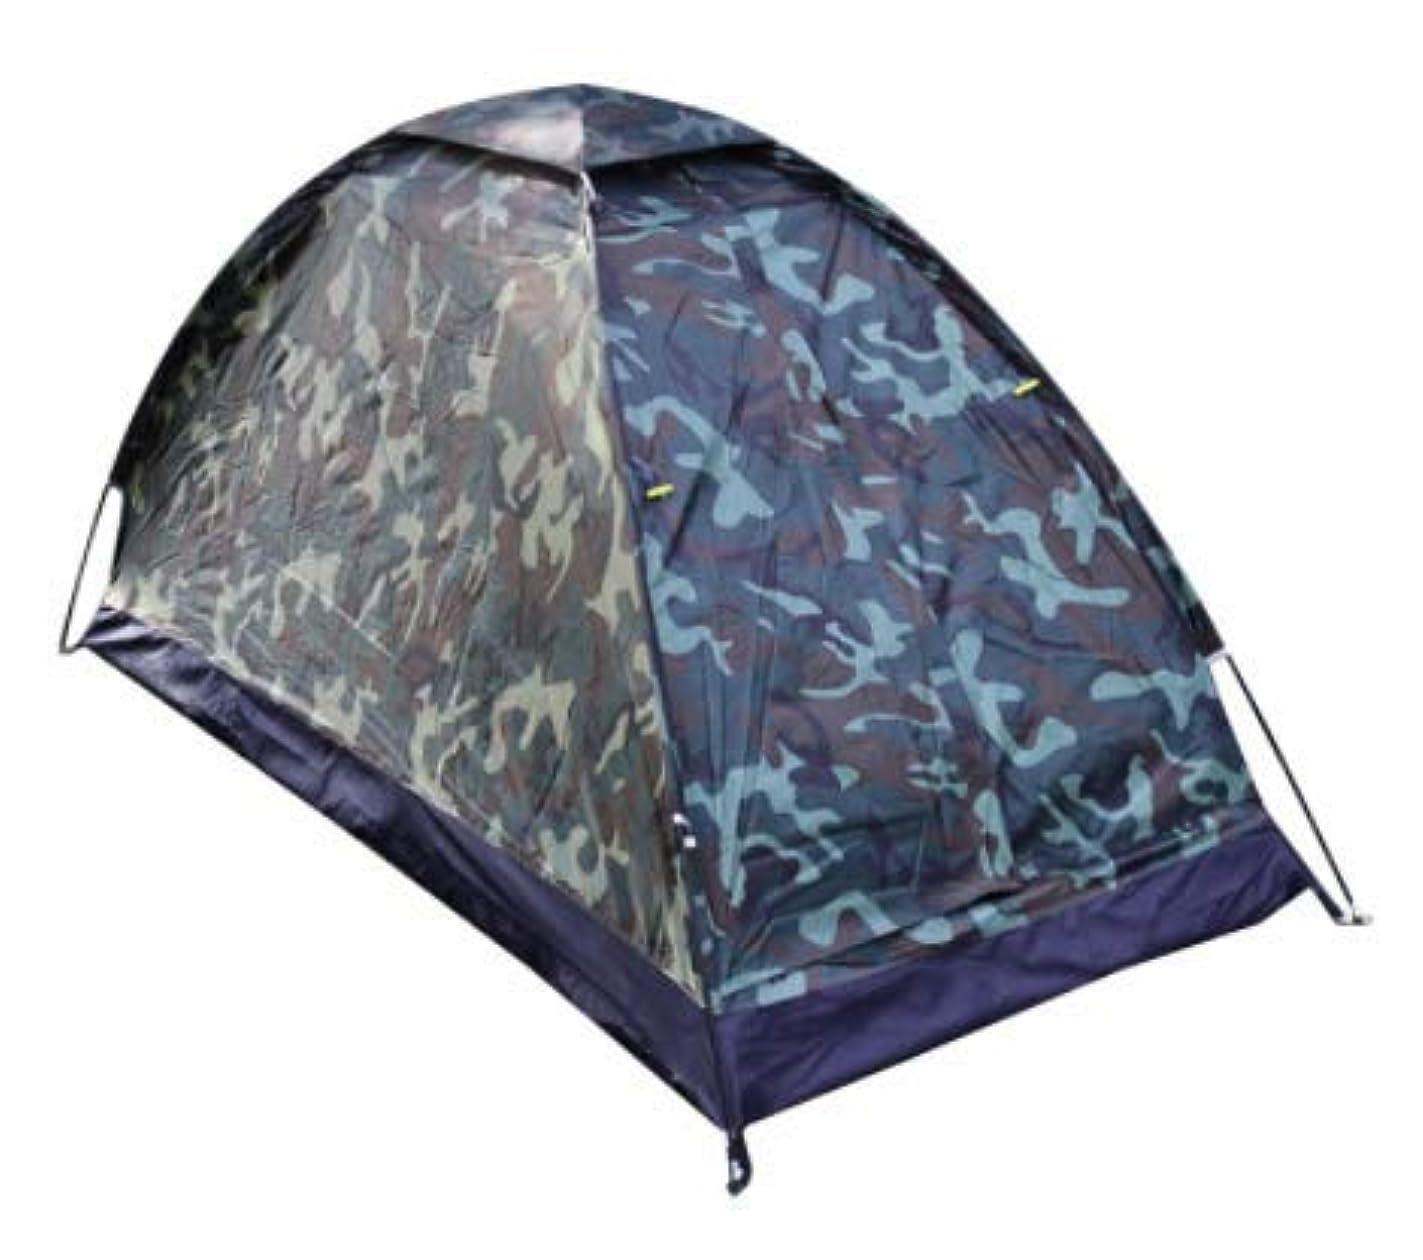 直接宿泊眠りOpliy 200 * 100 * 100センチ屋外キャンプピクニックハイキングテントシングルファンカラー高速キャンプキャンプ用品 品質保証